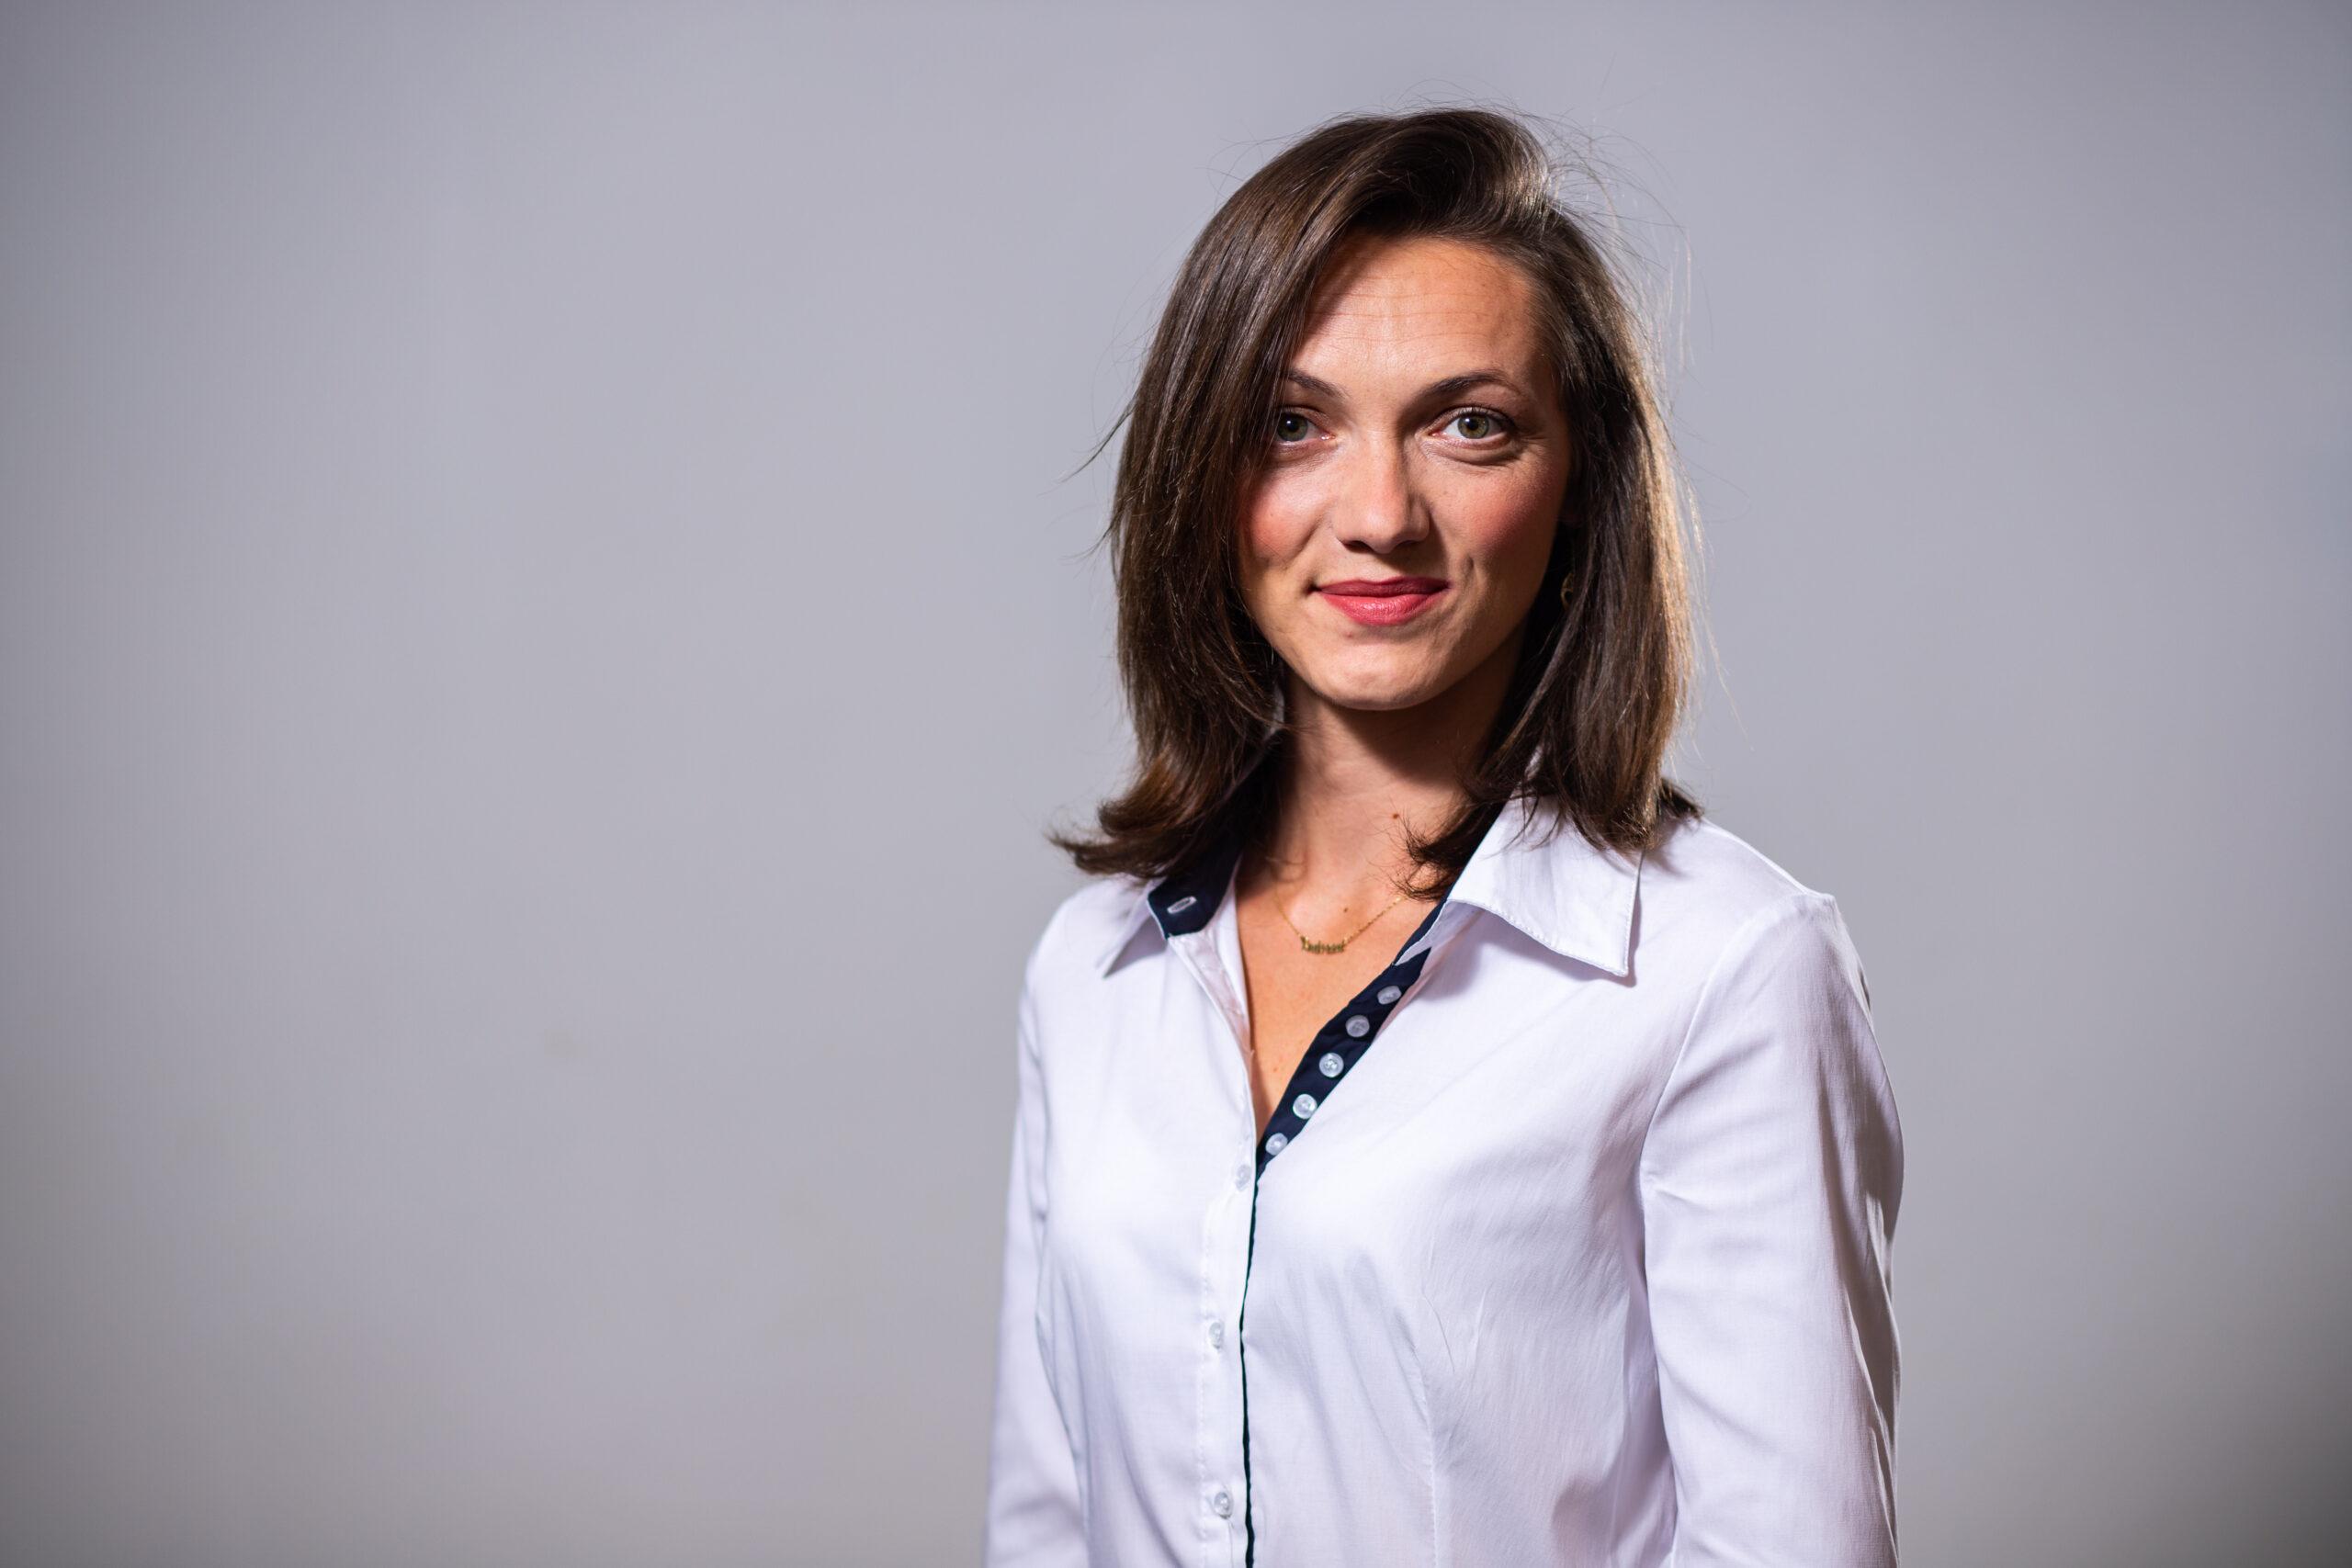 Graur Andreea Mihaela- Marosszentgyörgy listavez